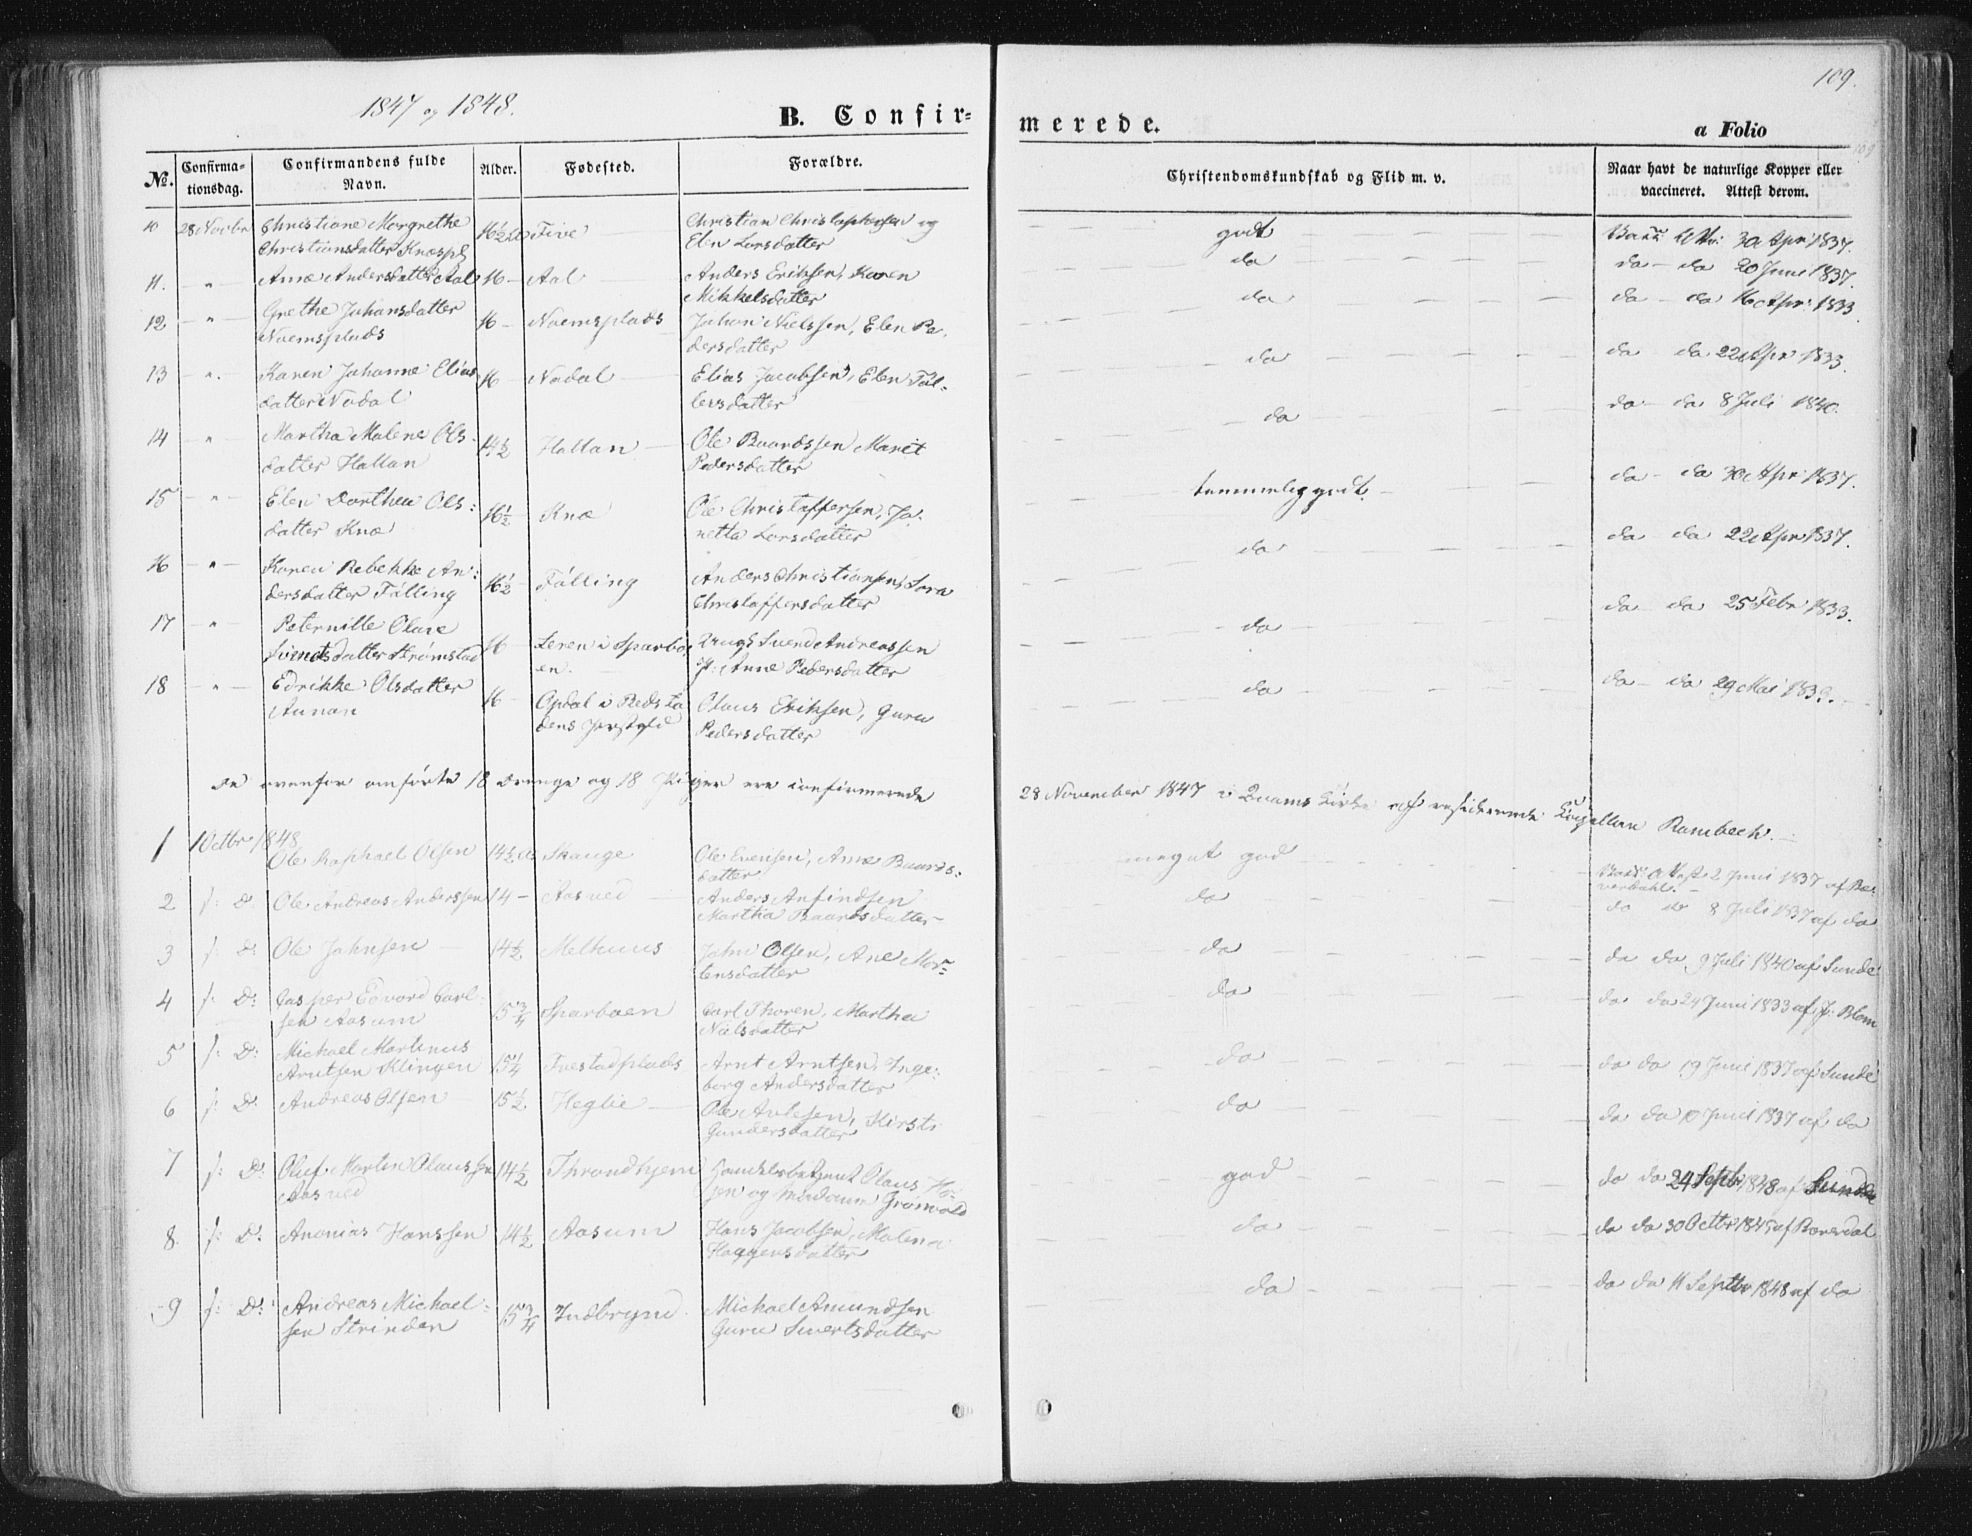 SAT, Ministerialprotokoller, klokkerbøker og fødselsregistre - Nord-Trøndelag, 746/L0446: Ministerialbok nr. 746A05, 1846-1859, s. 109